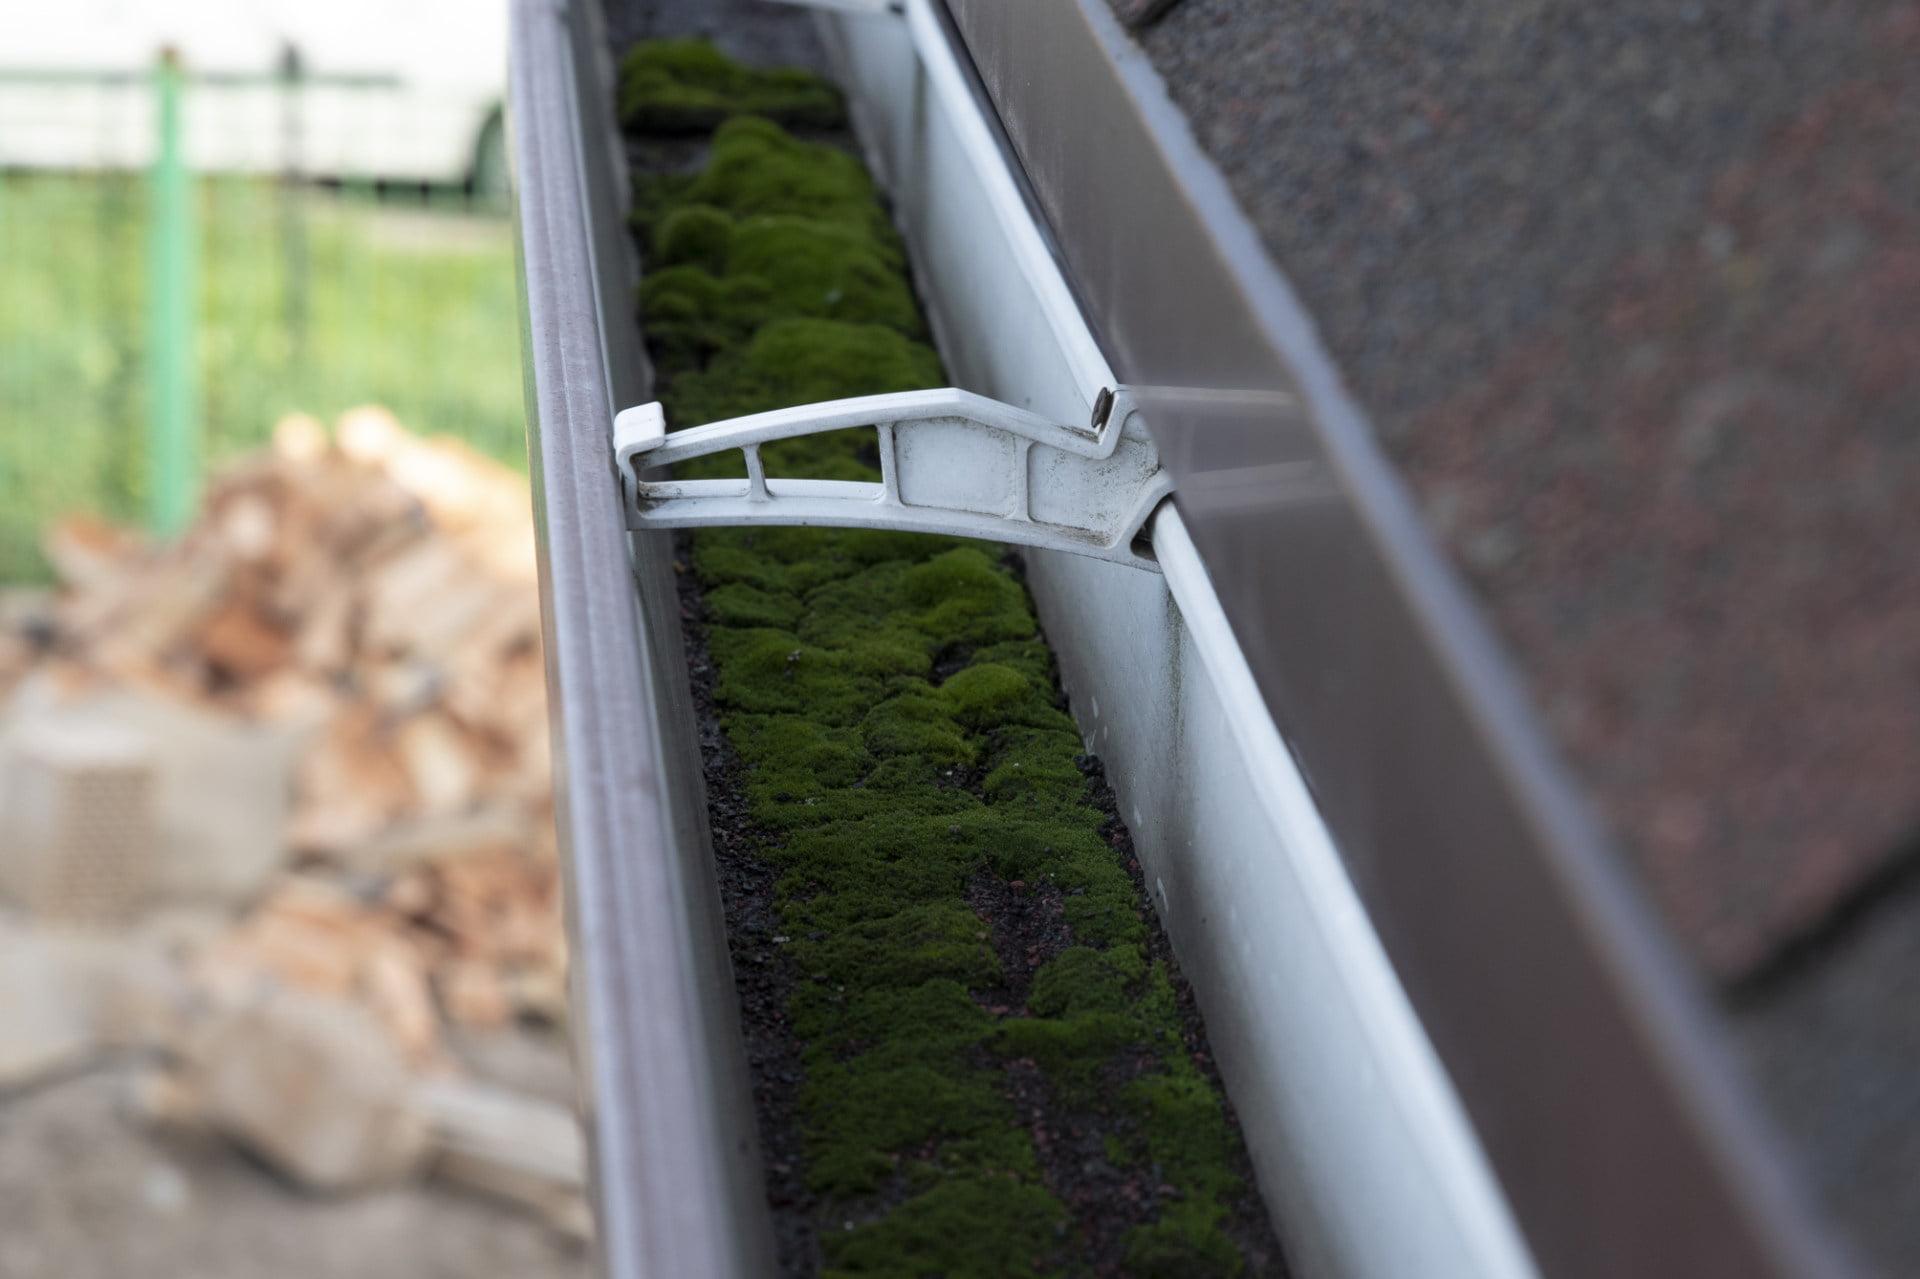 Moss growing inside a gutter